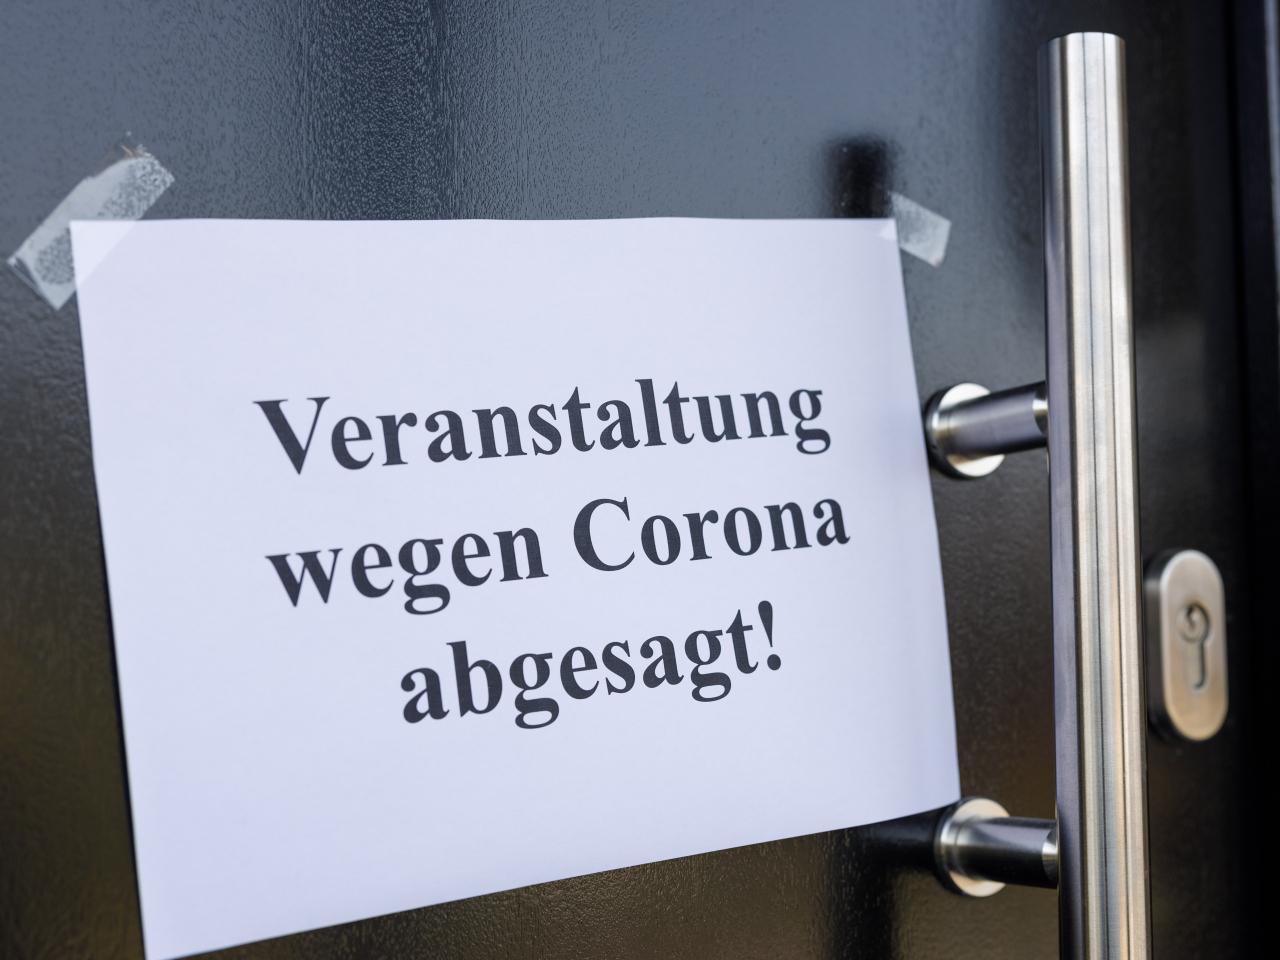 Zettel mit Veranstaltungsabsage wegen Corona auf einer Tür